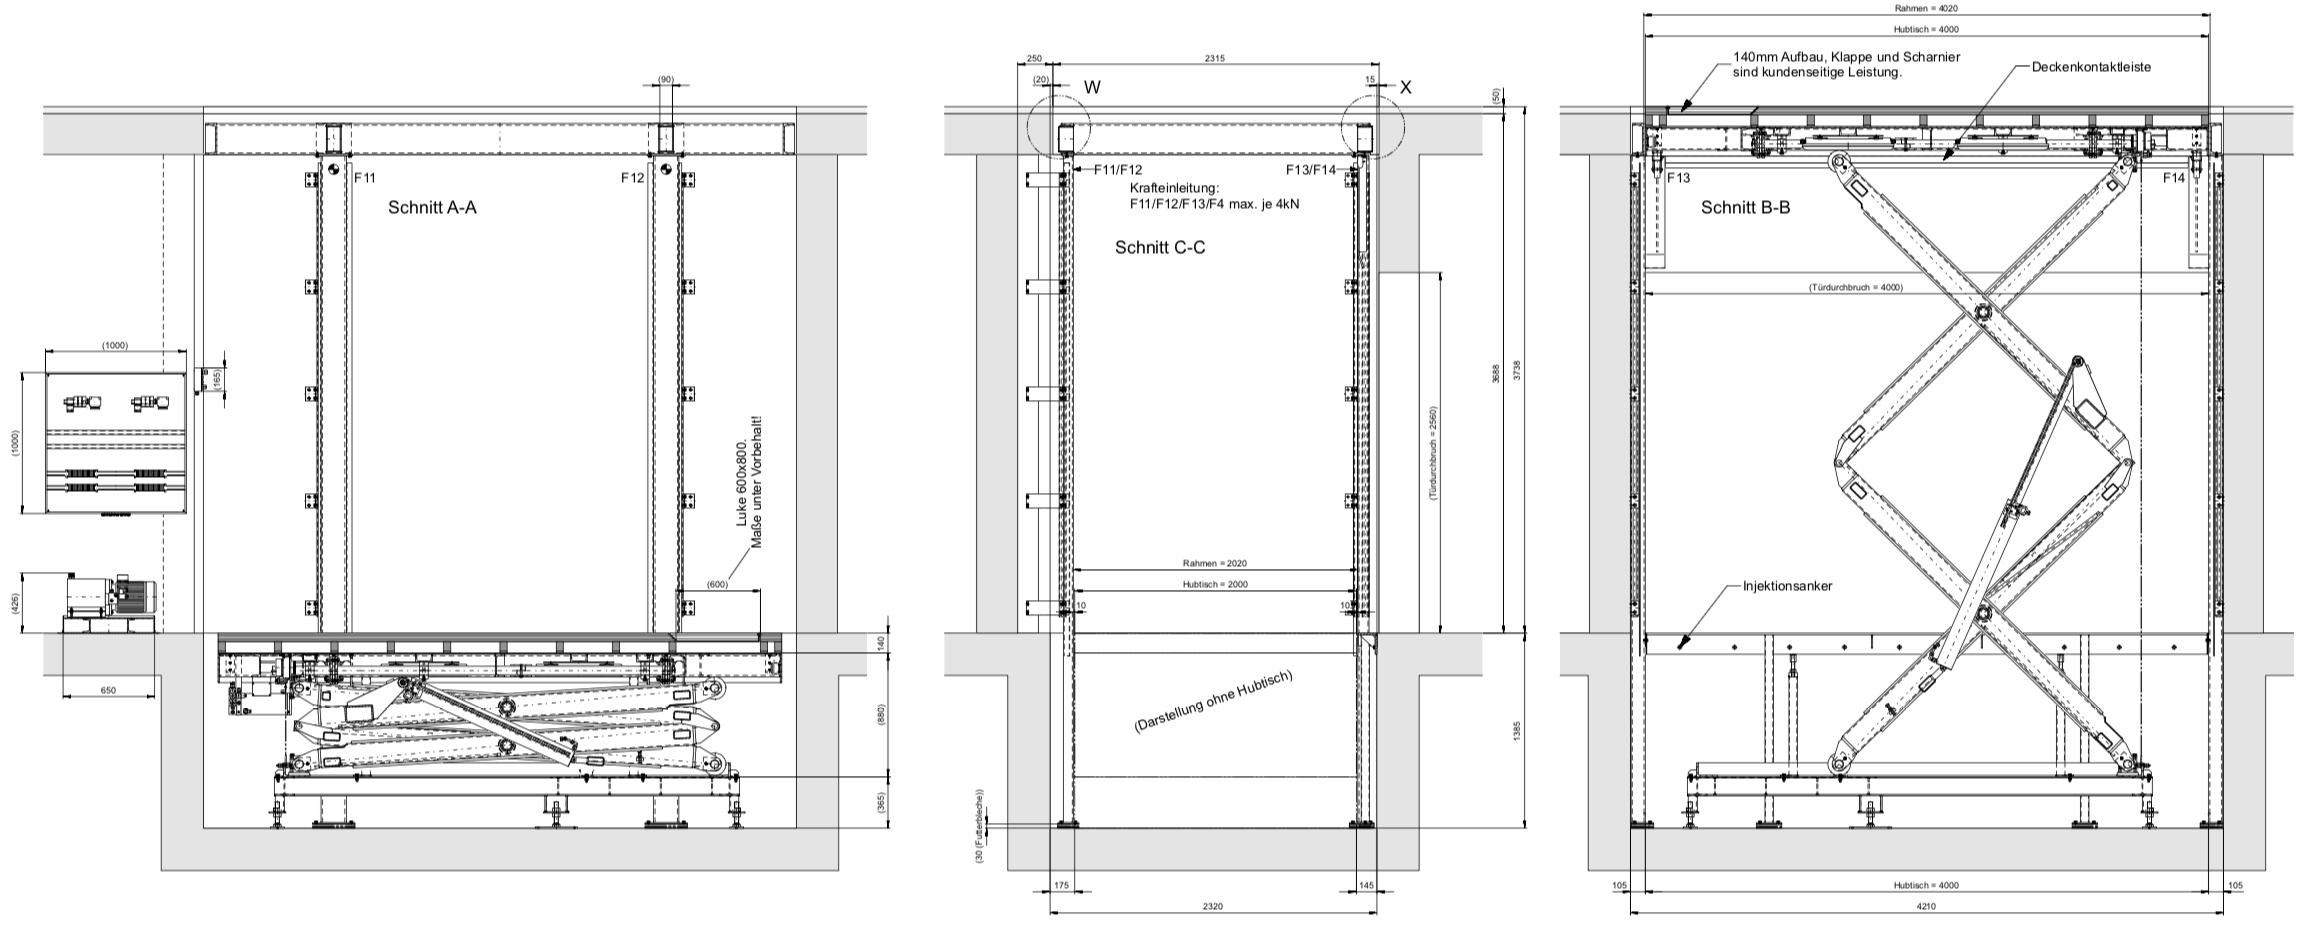 Versenkeinrichtung, Verwandlung Theater, Hubpodium, Theater Planer